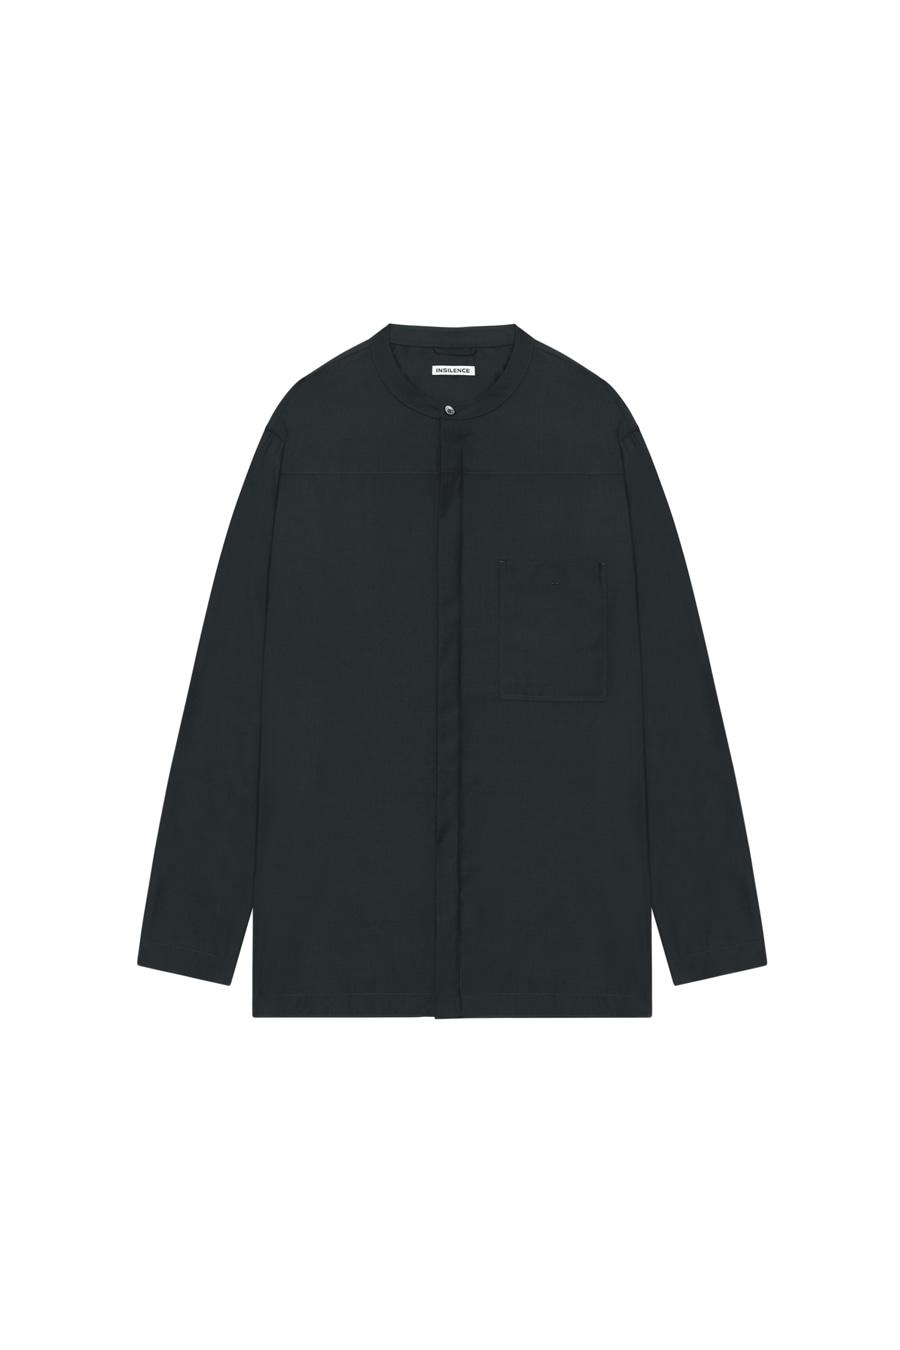 드레이프 그랜대드 셔츠 MARINE BLACK